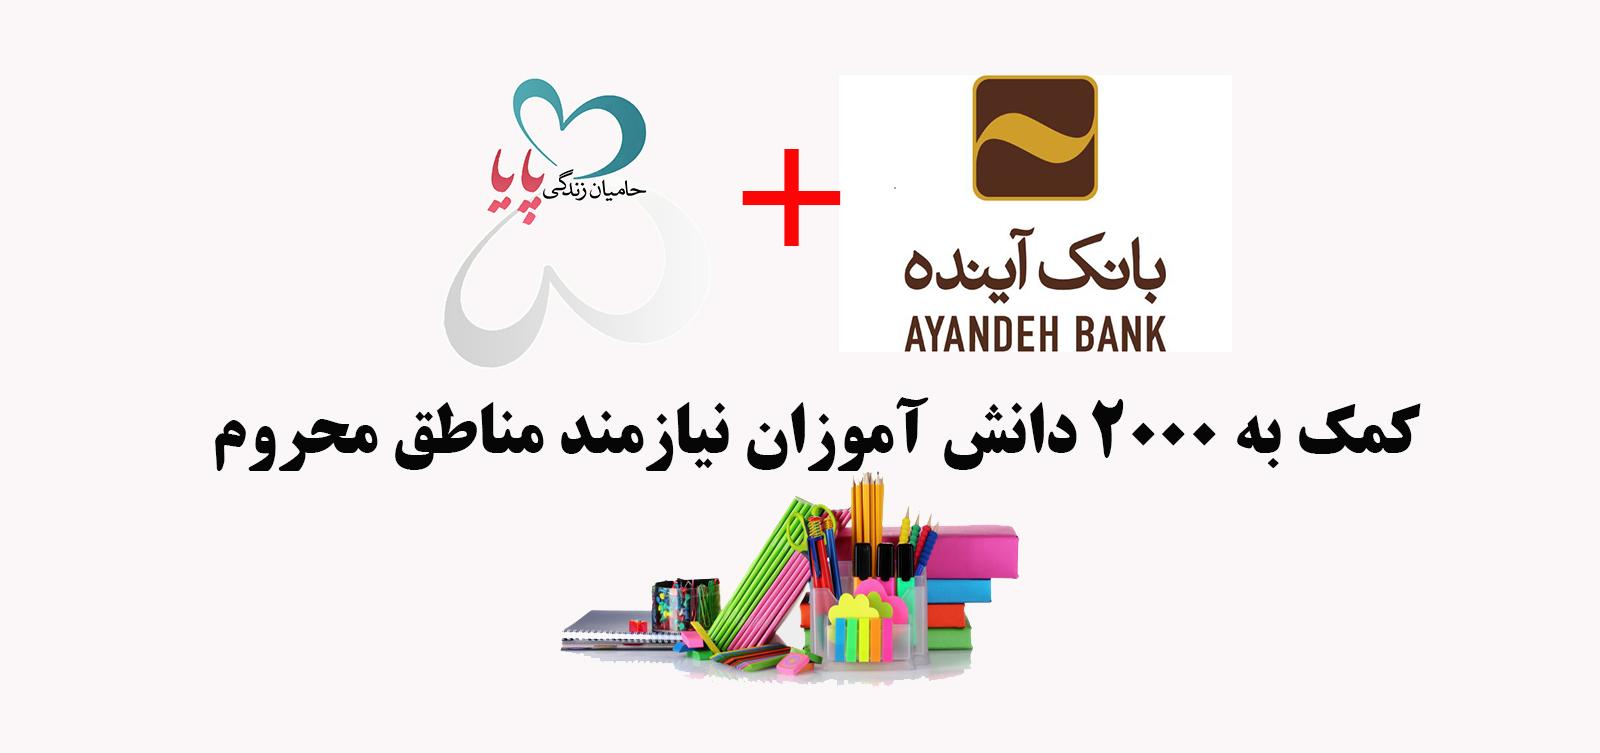 بانک آینده با همکاری خیریه حامیان زندگی پایا